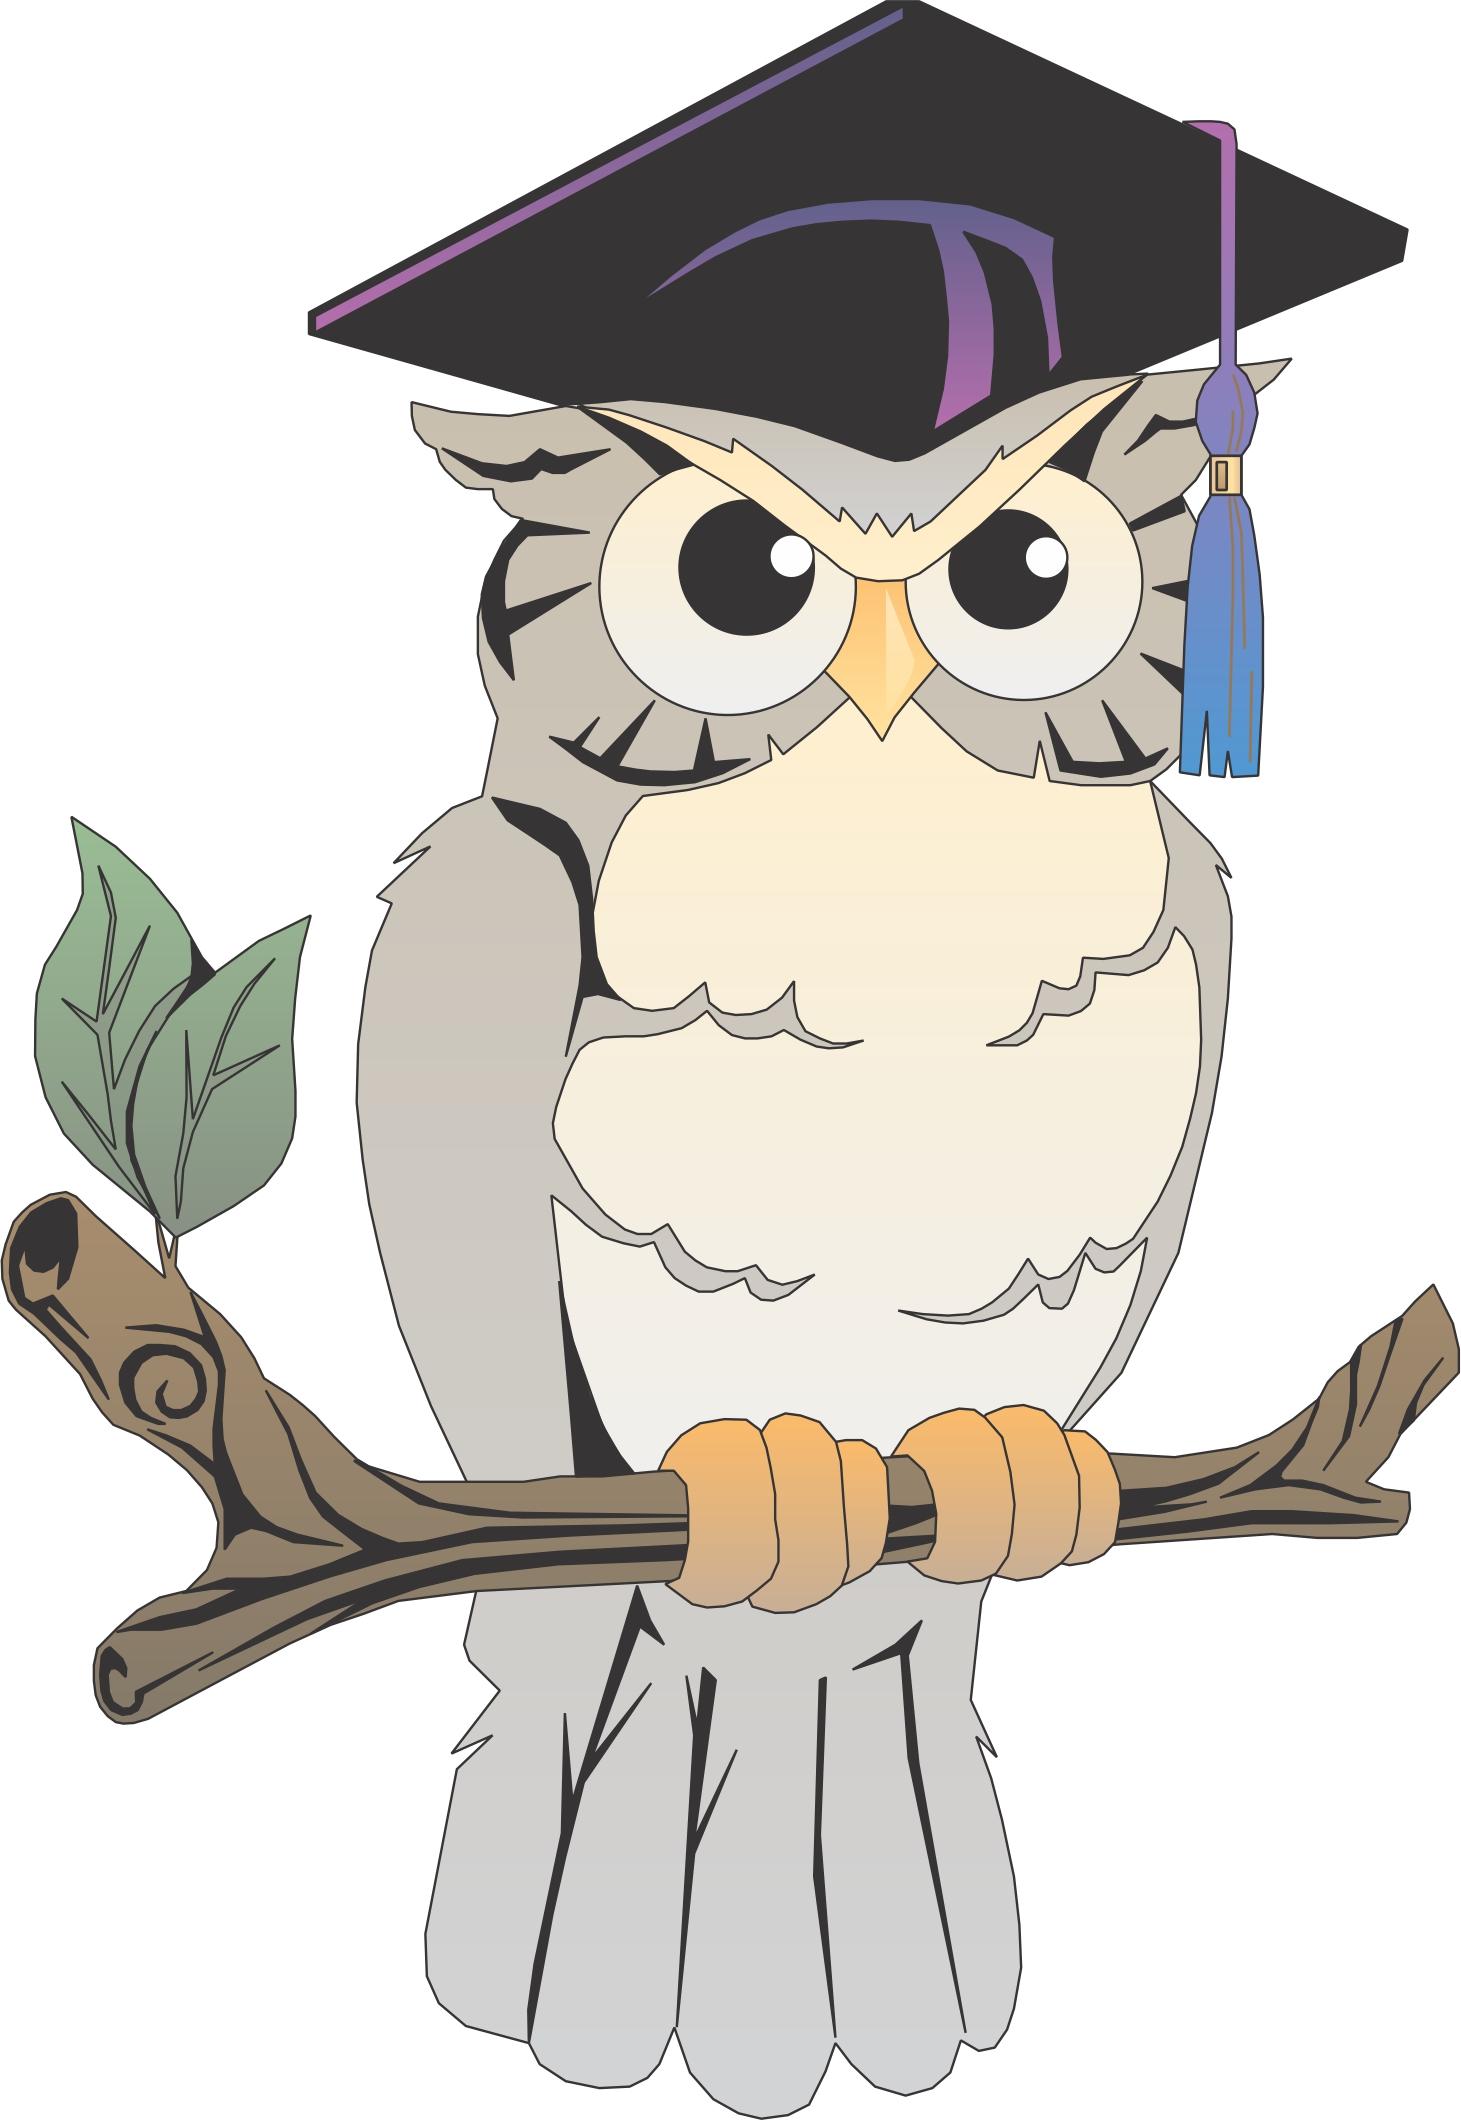 Анимацией лет, рисунок совы в шляпе магистра